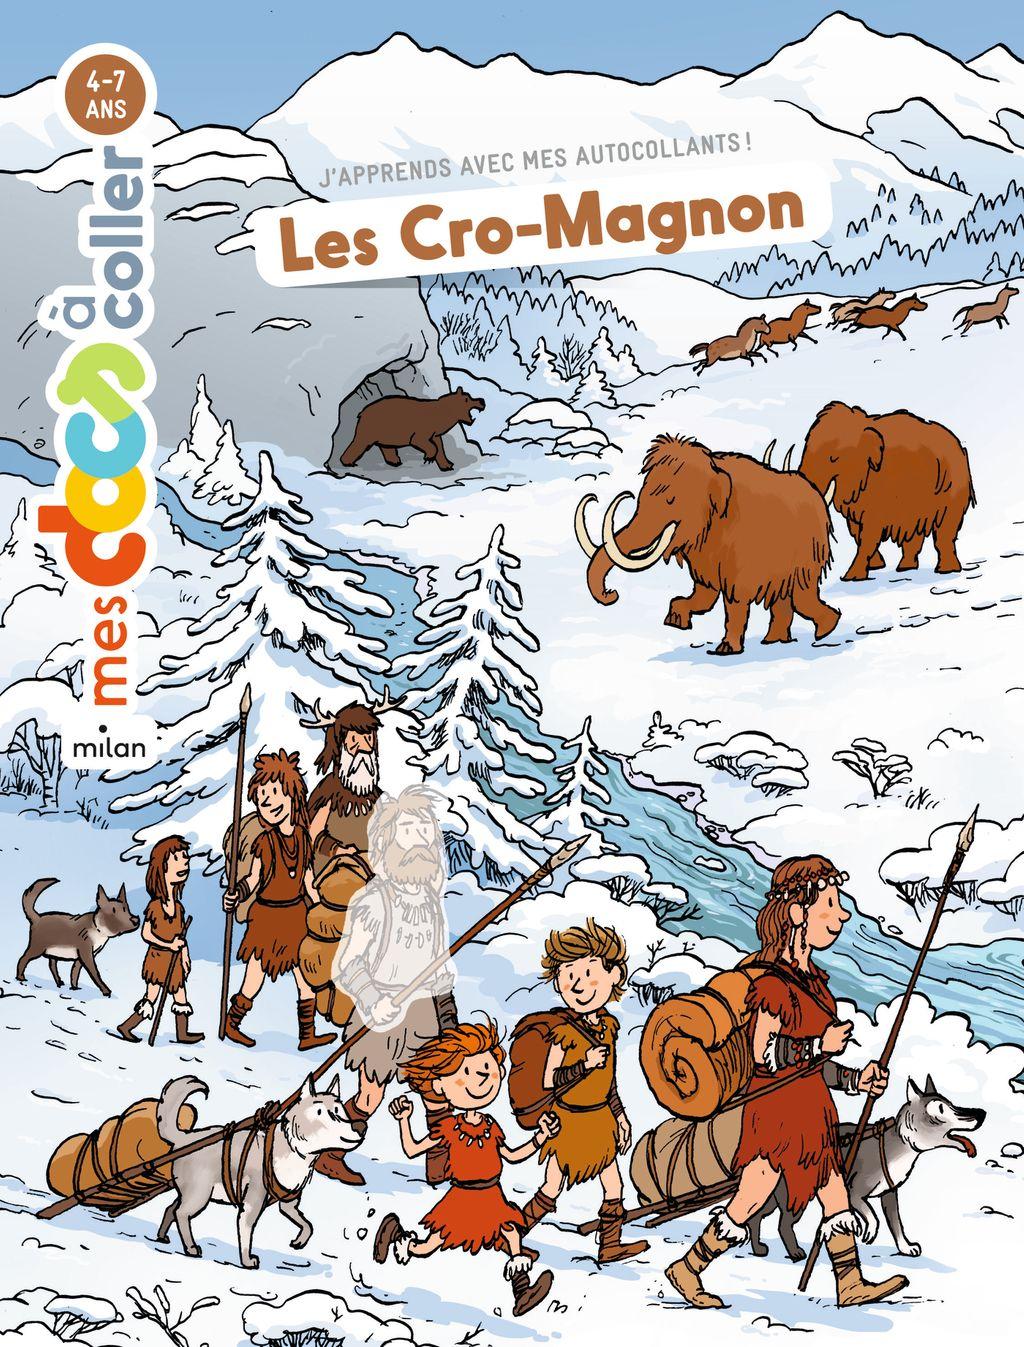 «Les Cro-Magnon» cover